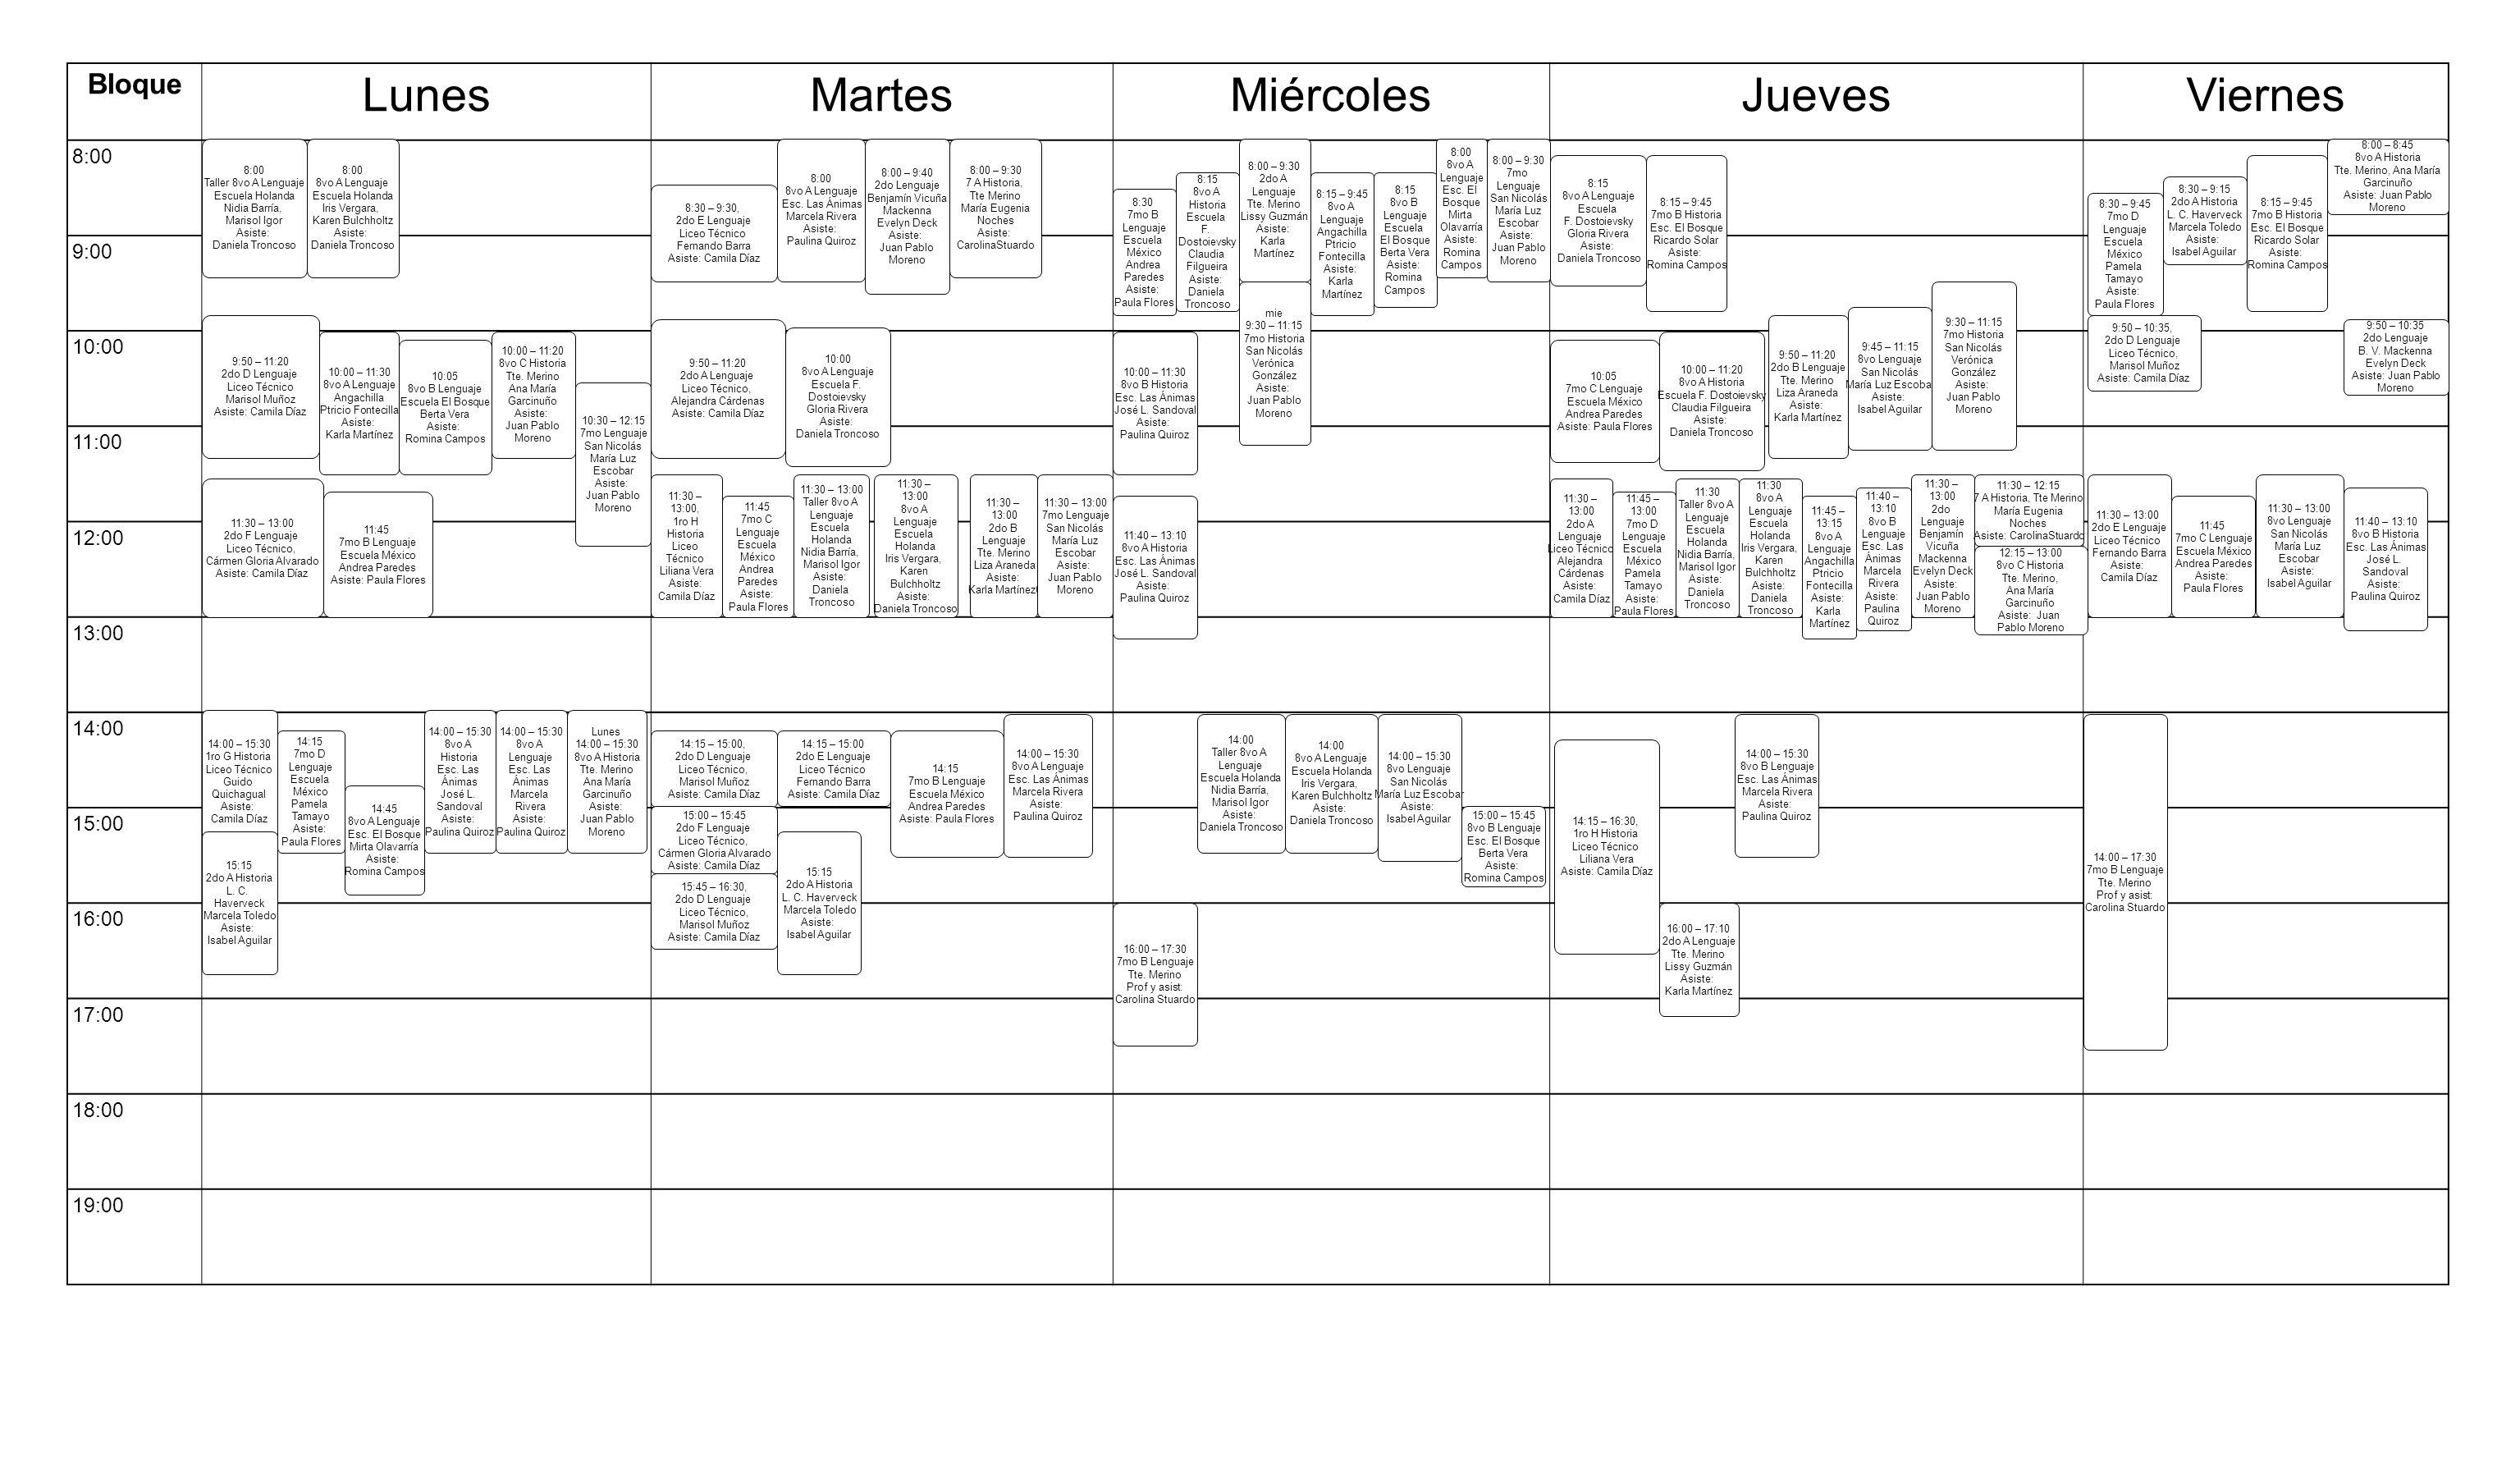 Bloque LunesMartesMiércolesJuevesViernes 8:00 9:00 10:00 11:00 12:00 13:00 14:00 15:00 16:00 17:00 18:00 19:00 14:00 – 15:30 1ro G Historia Liceo Técn